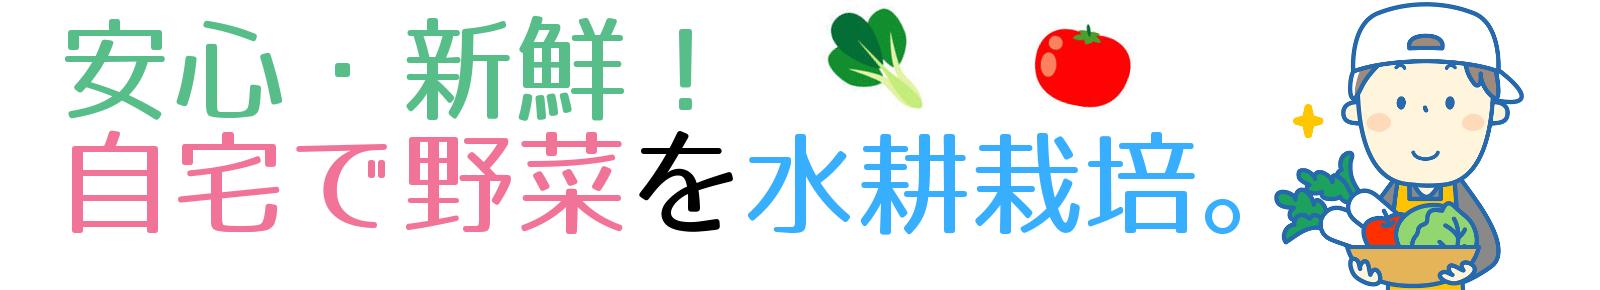 安心・新鮮!自宅で野菜を水耕栽培。